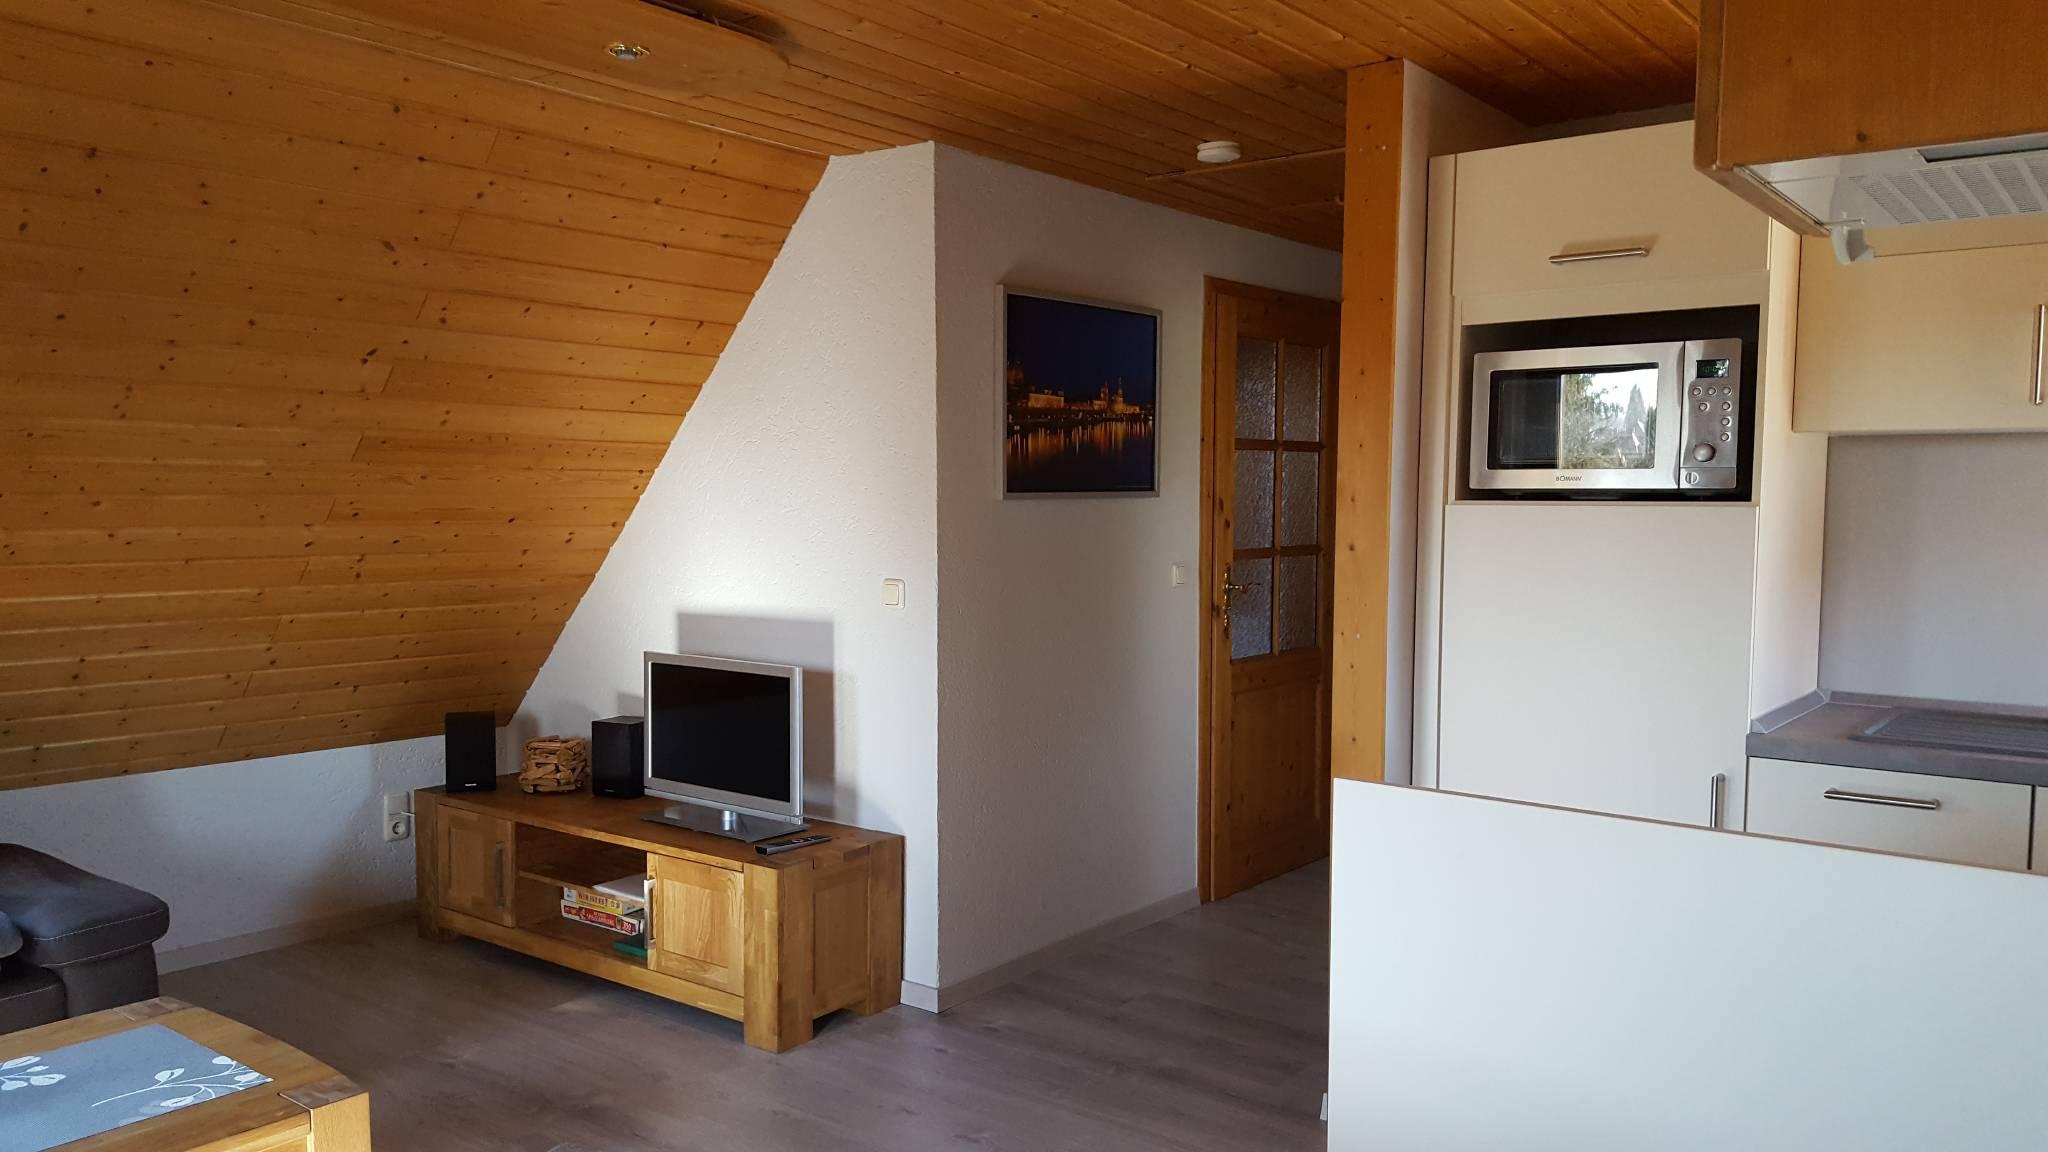 offene Wohnküche, Tür zum Schlafraum